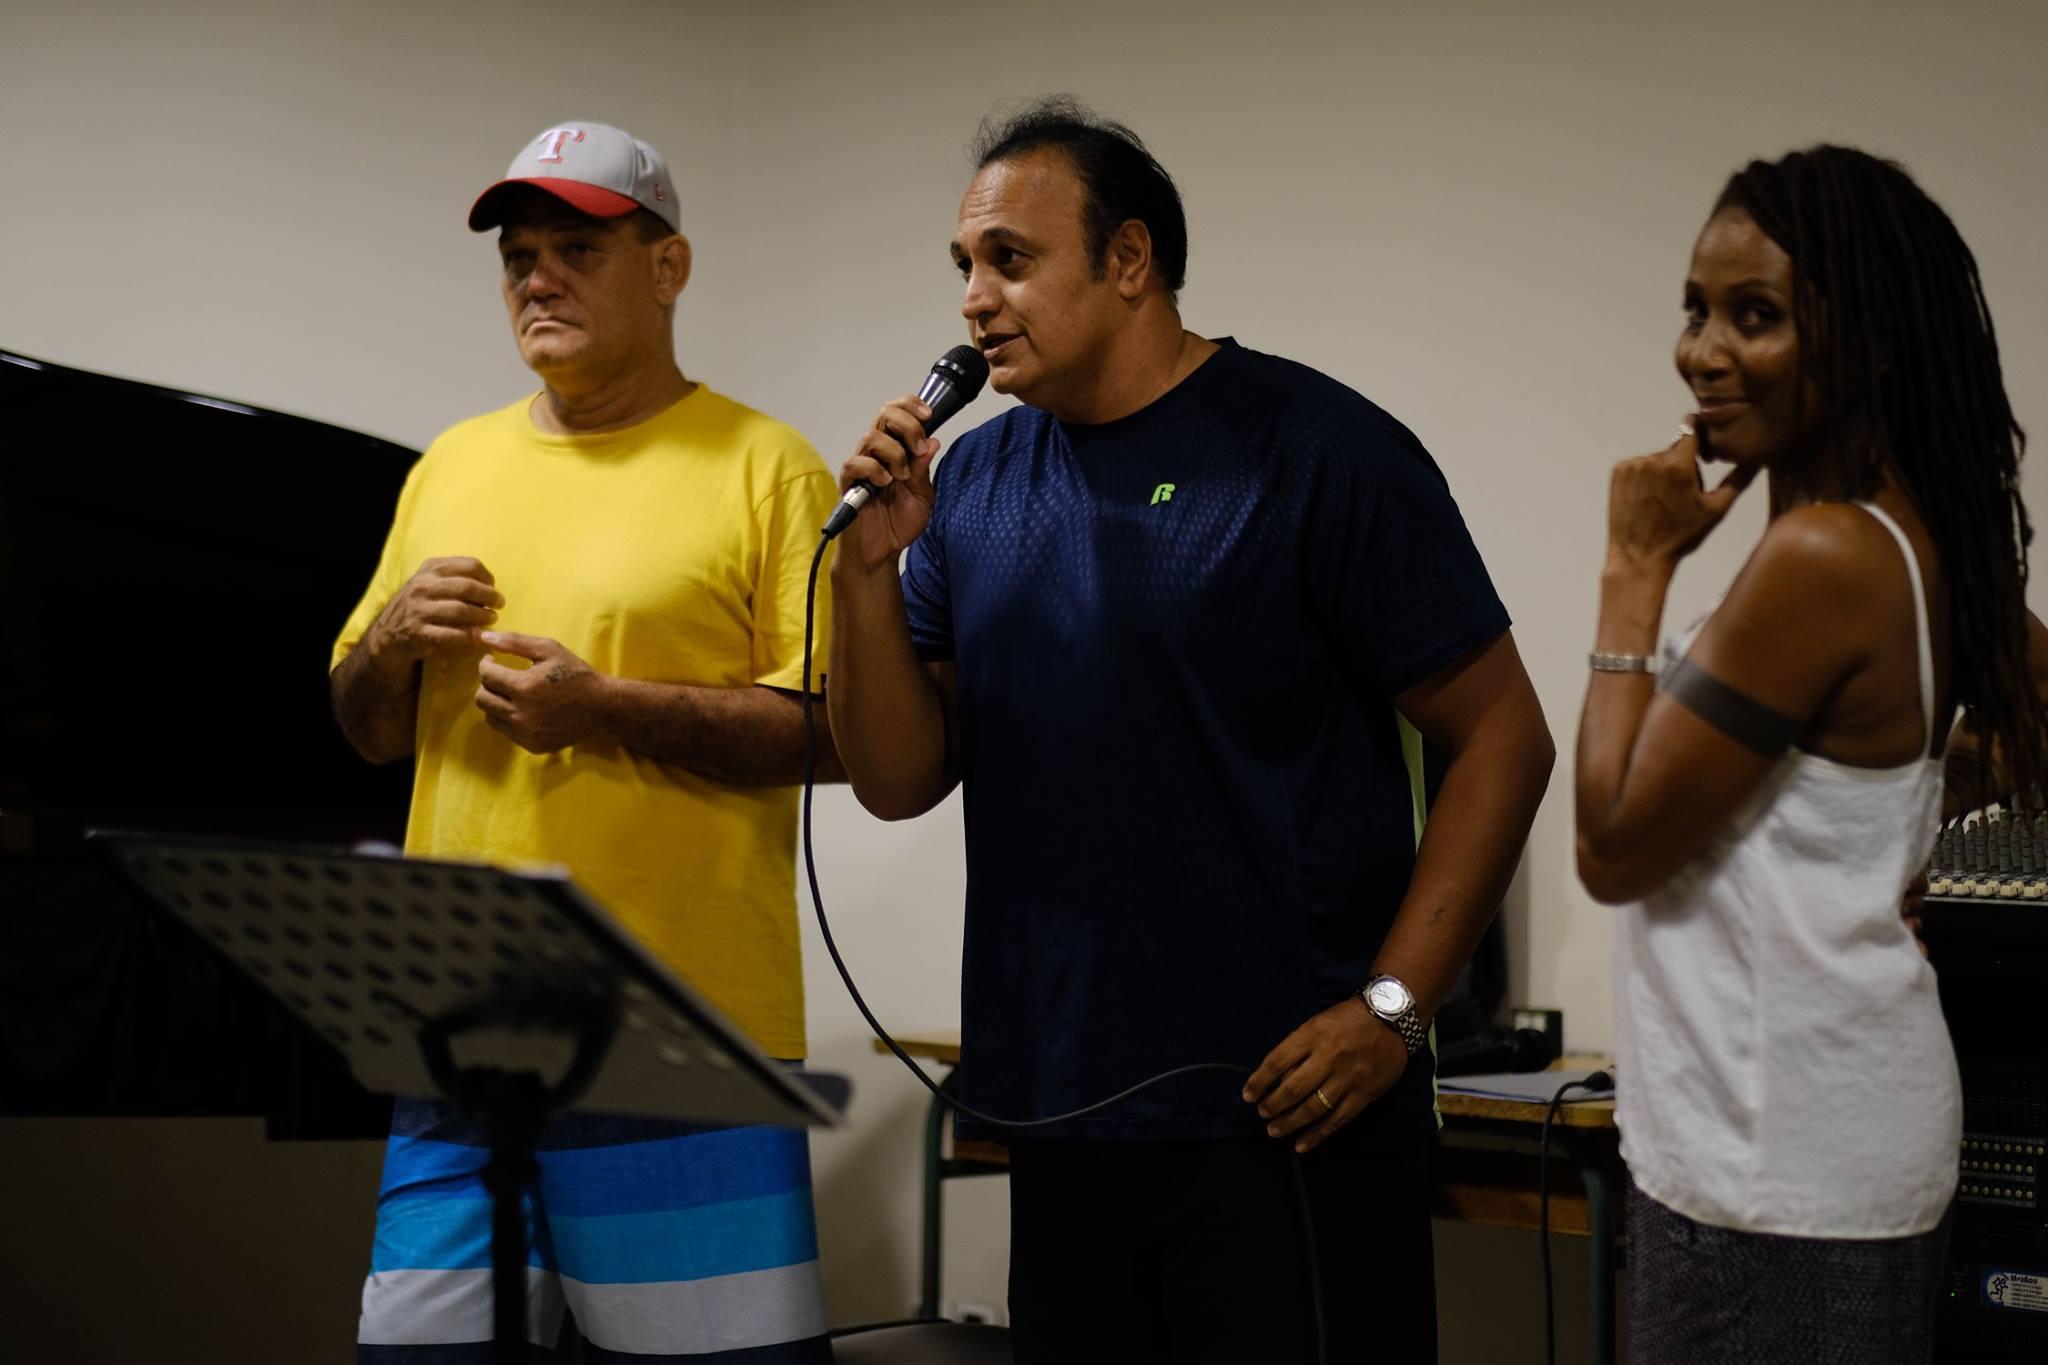 Les répétitions des artistes (ici Rocky avec Mimifé et Andy Tupaia) ont commencé au Conservatoire pour préparer le grand concert hommage prévu en mai 2017.